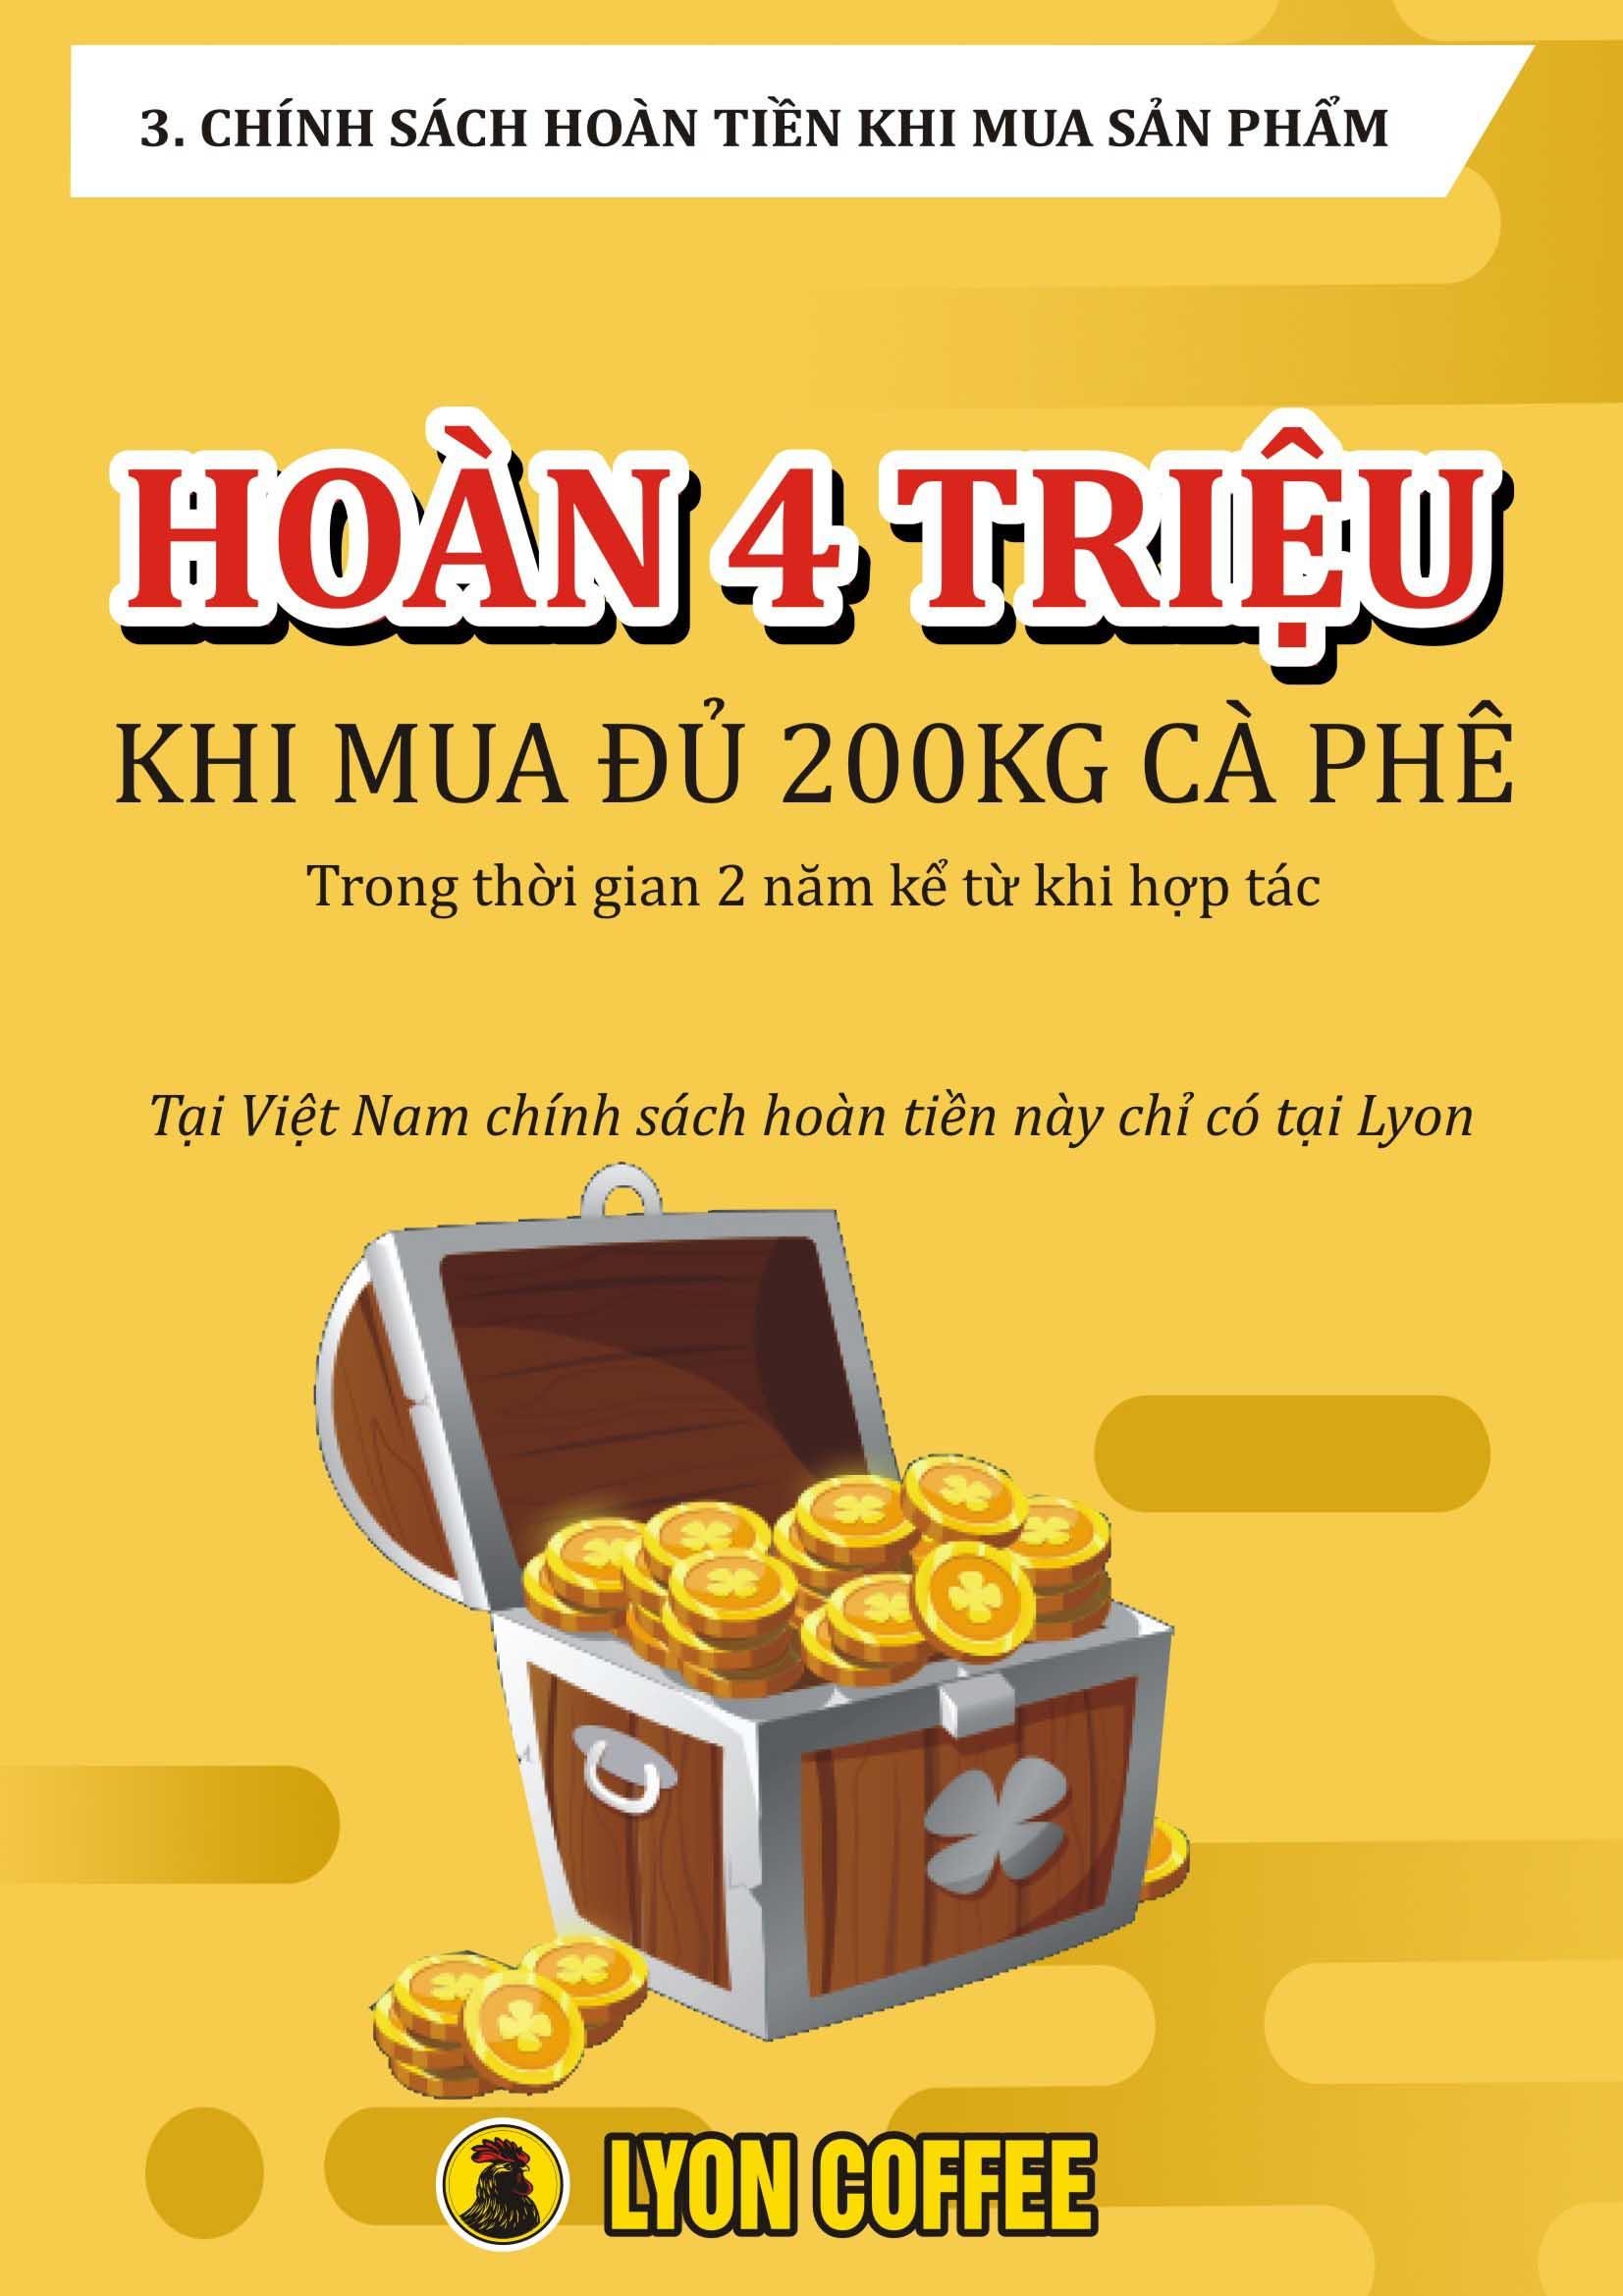 Tại Việt Nam, chỉ Lyon Coffee mới có chính sách hoàn 4 triệu đồng khi mua sản phẩm